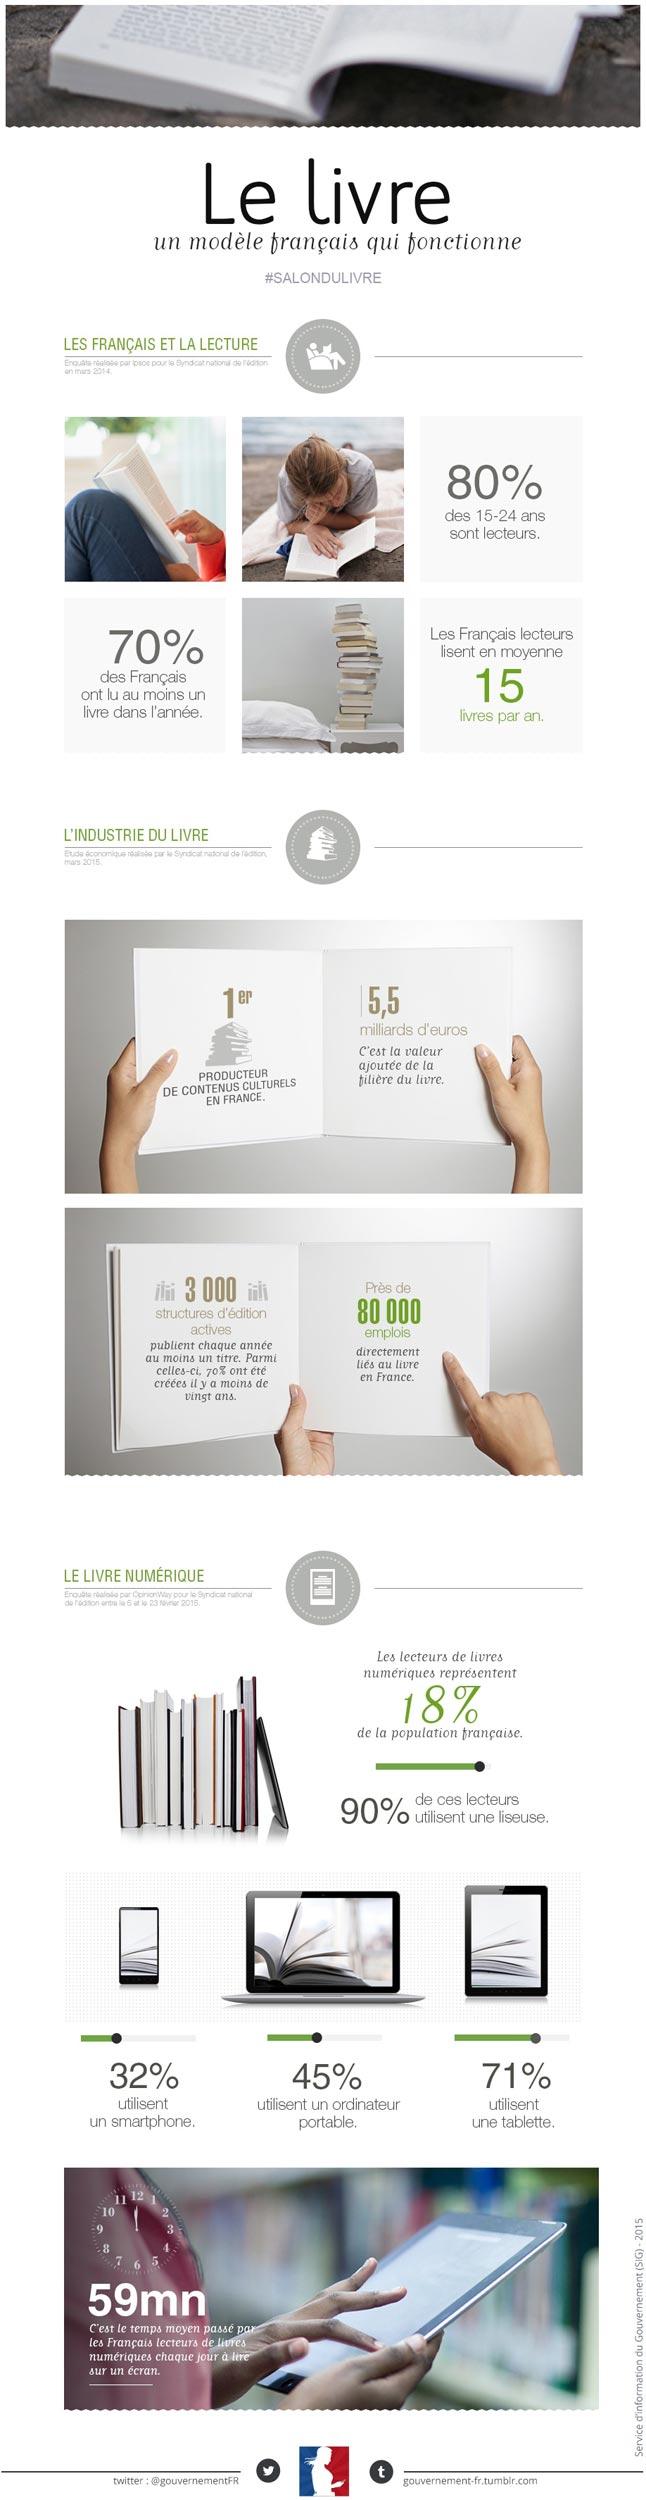 salon du livre infographic